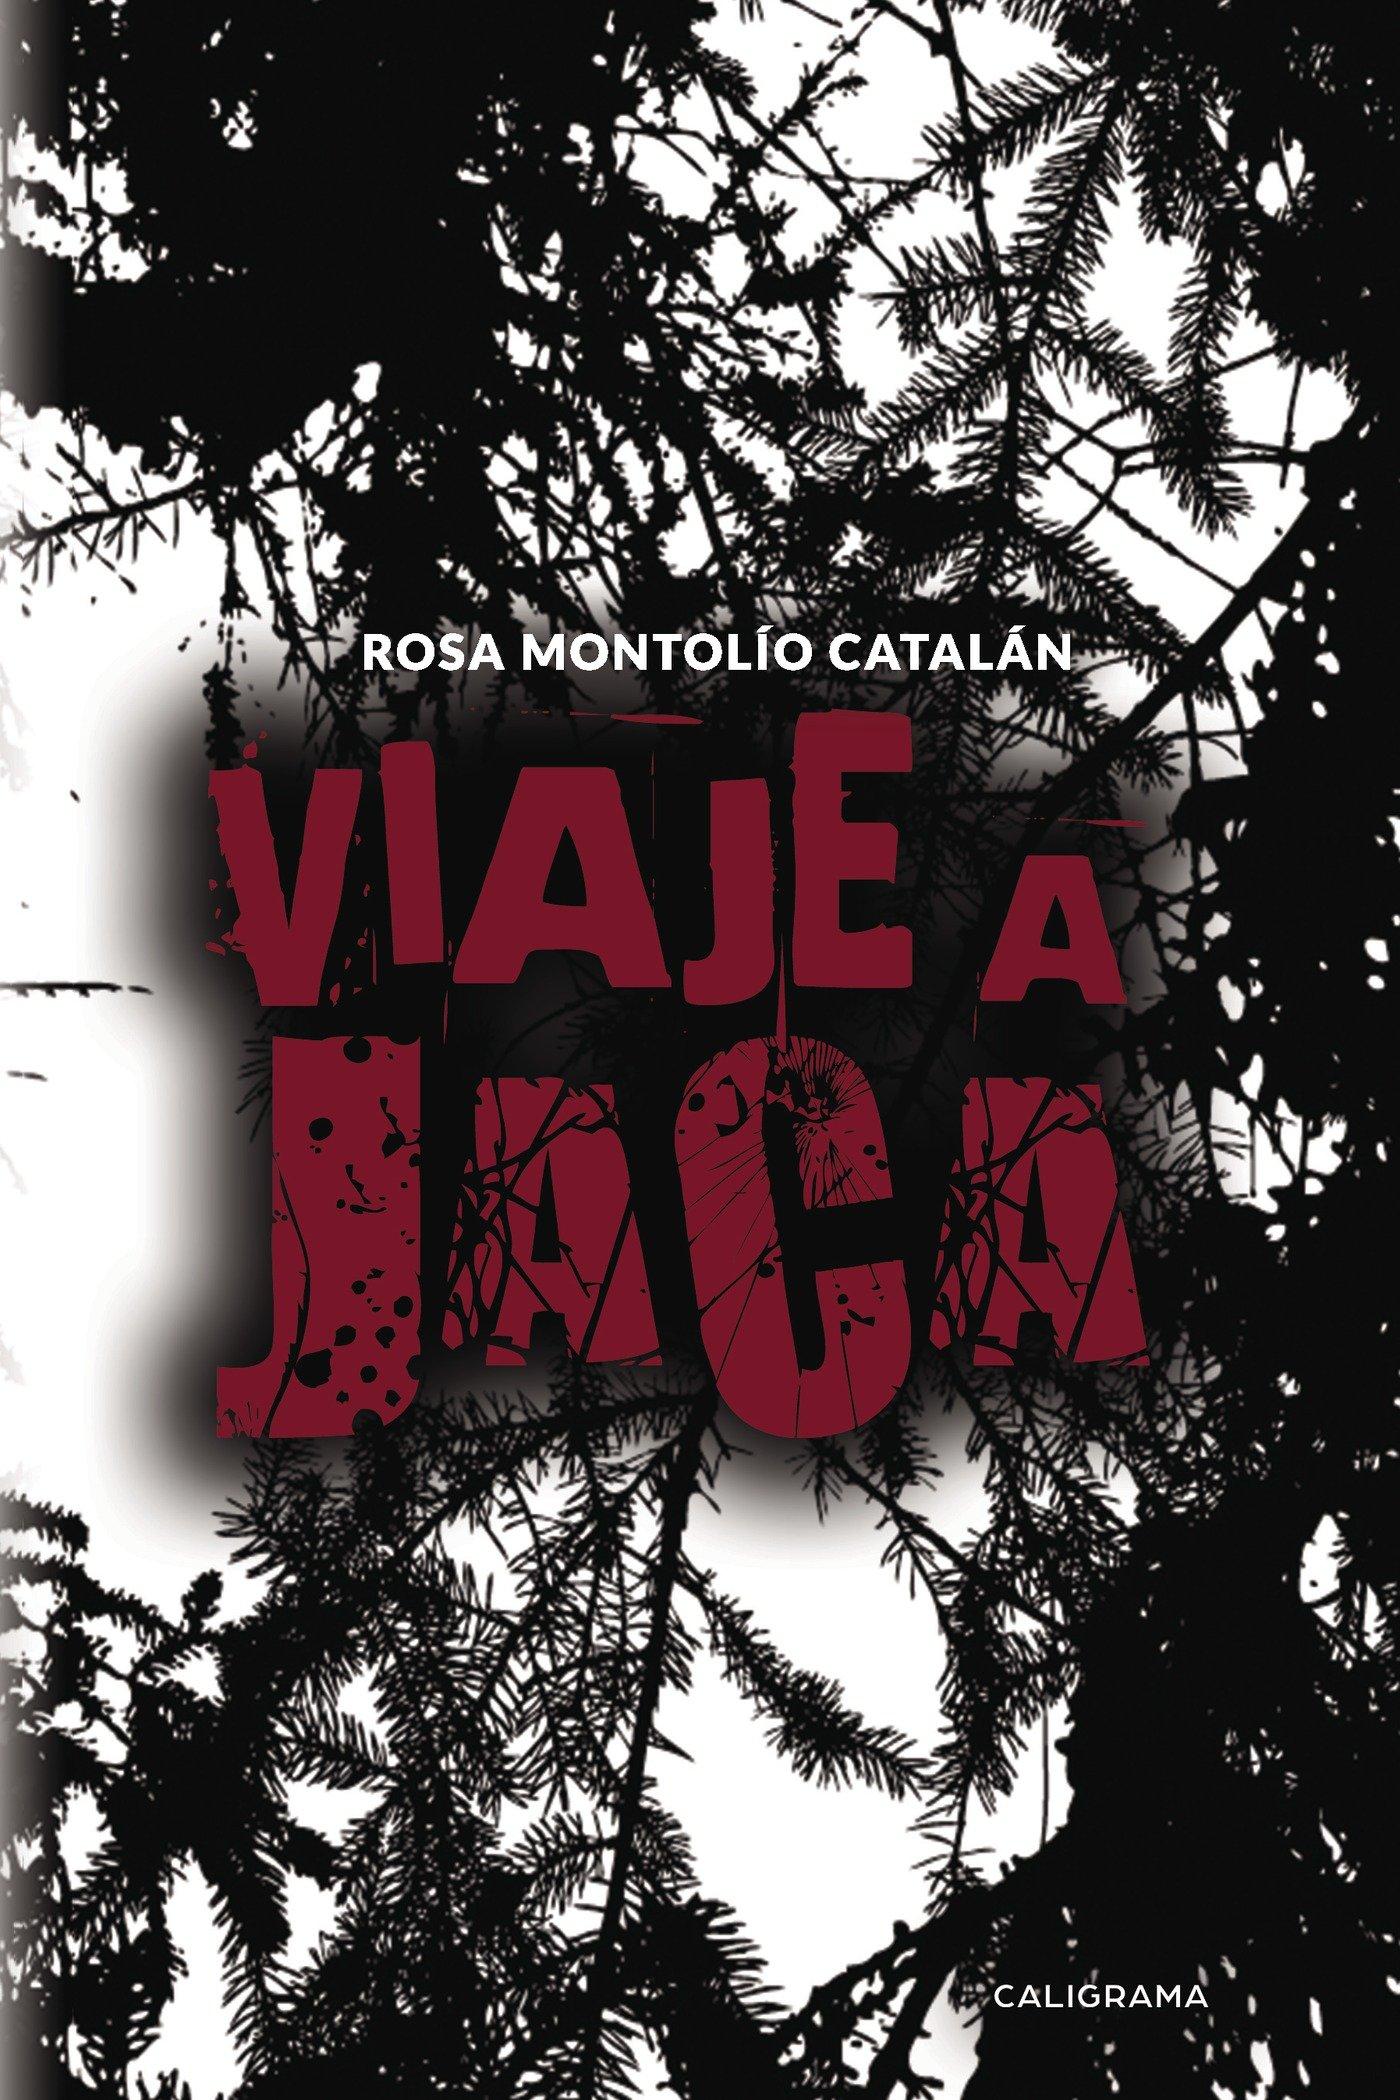 Viaje a Jaca (Spanish Edition) (Spanish) Paperback – May 8, 2018